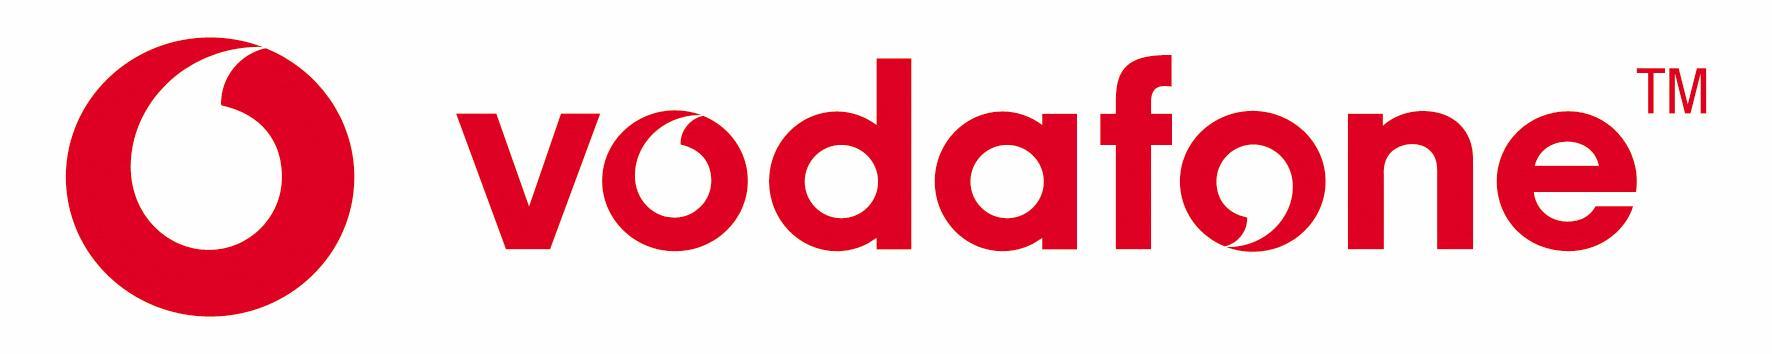 Vodafone rejeita estudo que diz que Zon é a mais rápida do mercado Vodafone-Logo